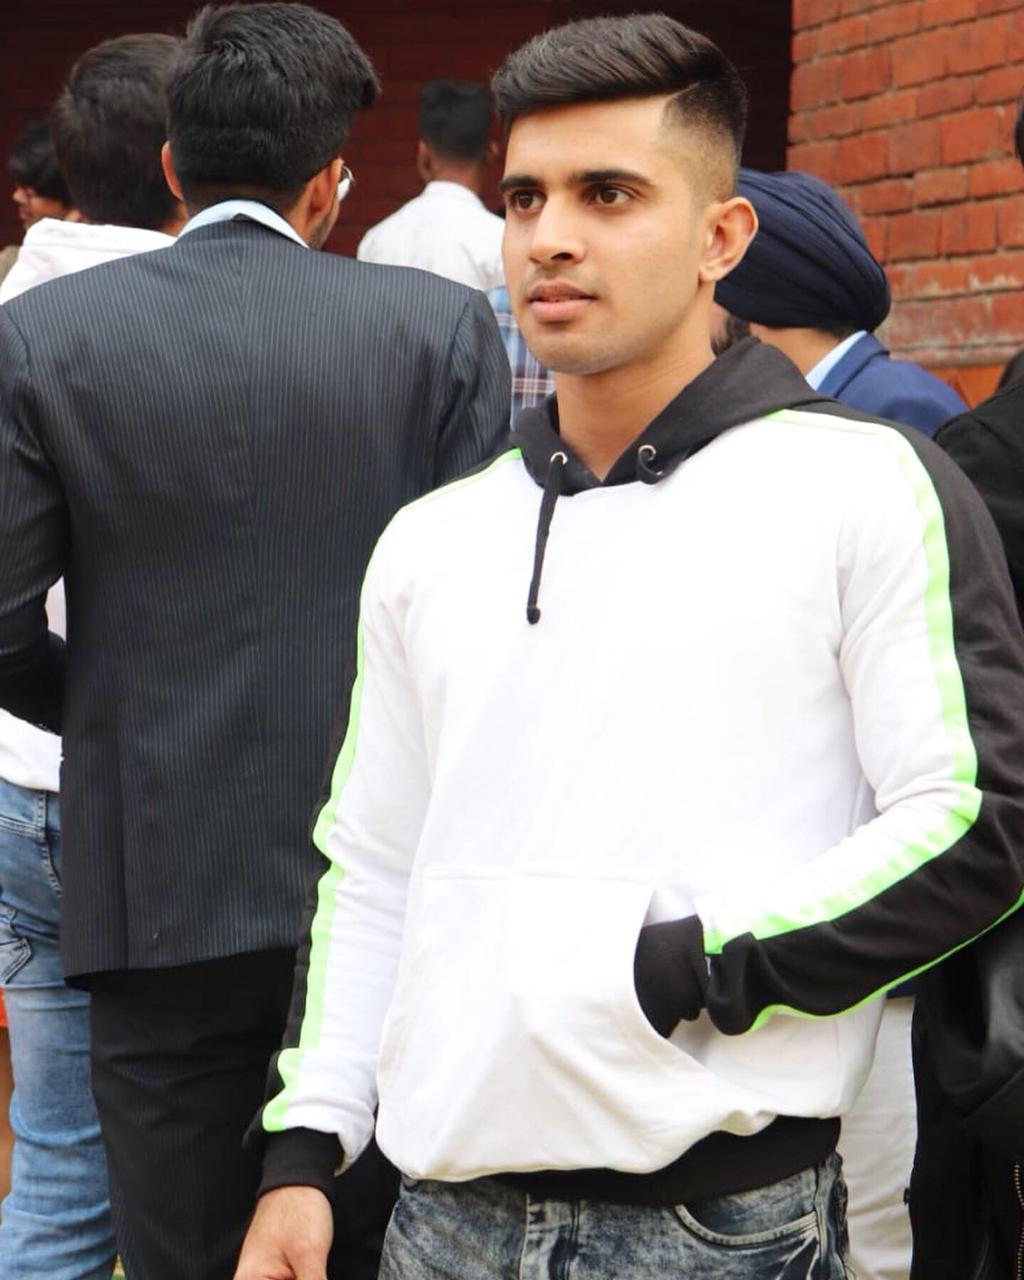 Anmol Gugnani, who is Anmol Gugnani, Anmol Gugnani fitness model